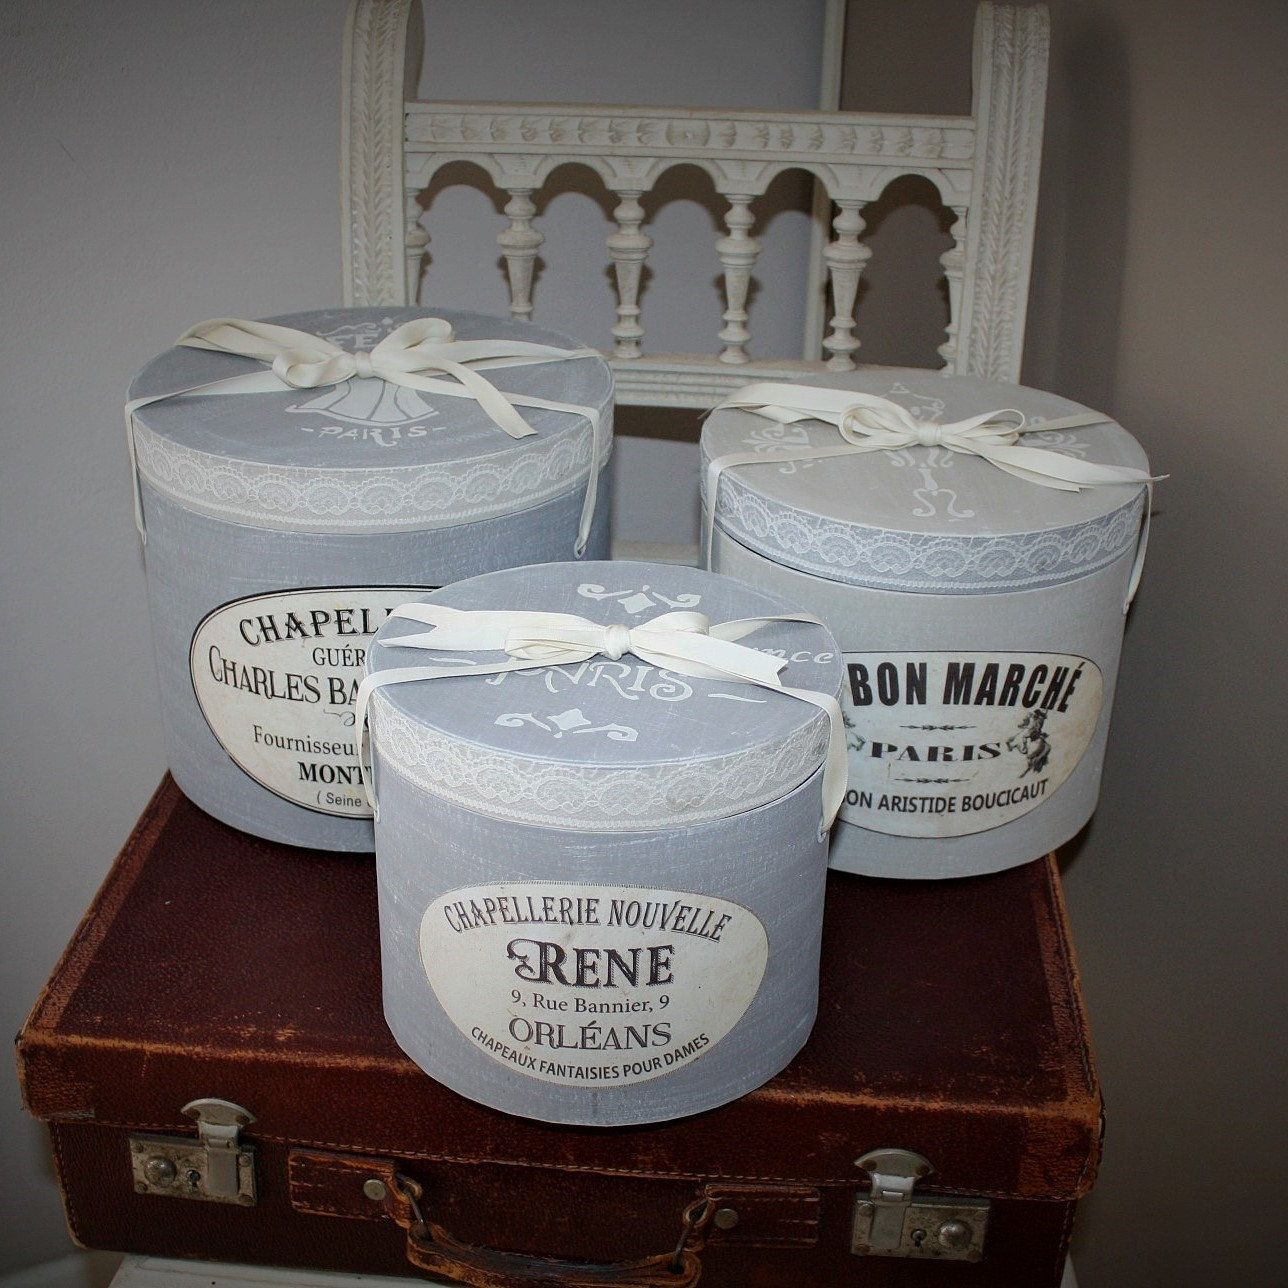 Lot De Boites A Chapeaux Boites Shabby Chic Boites Rangement Boite A Chapeau Boite De Rangement Boite